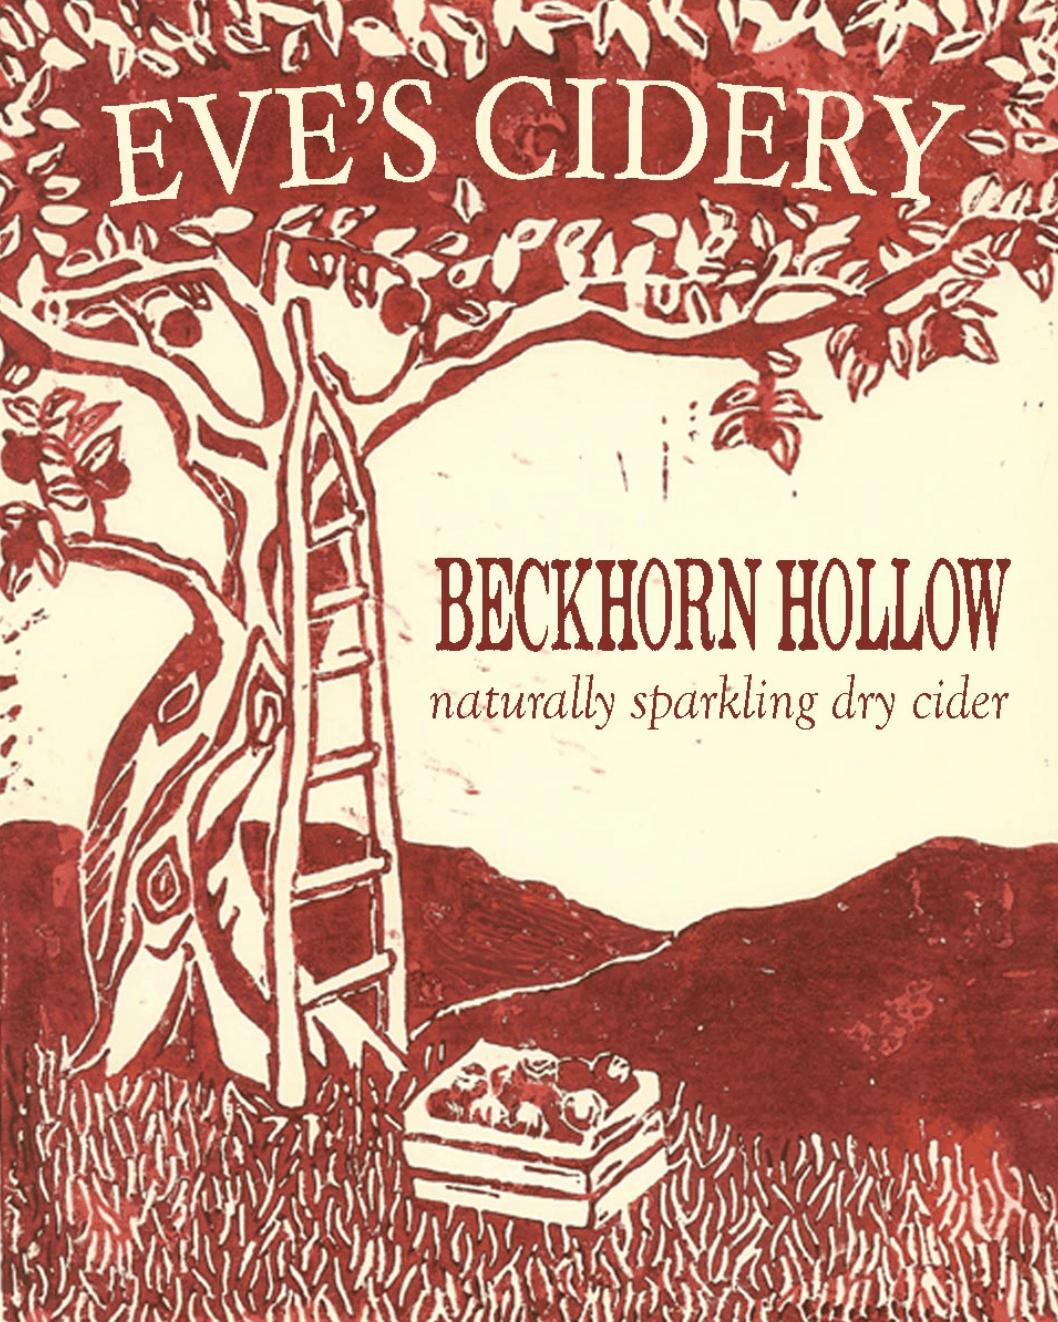 2014 Beckhorn Hollow